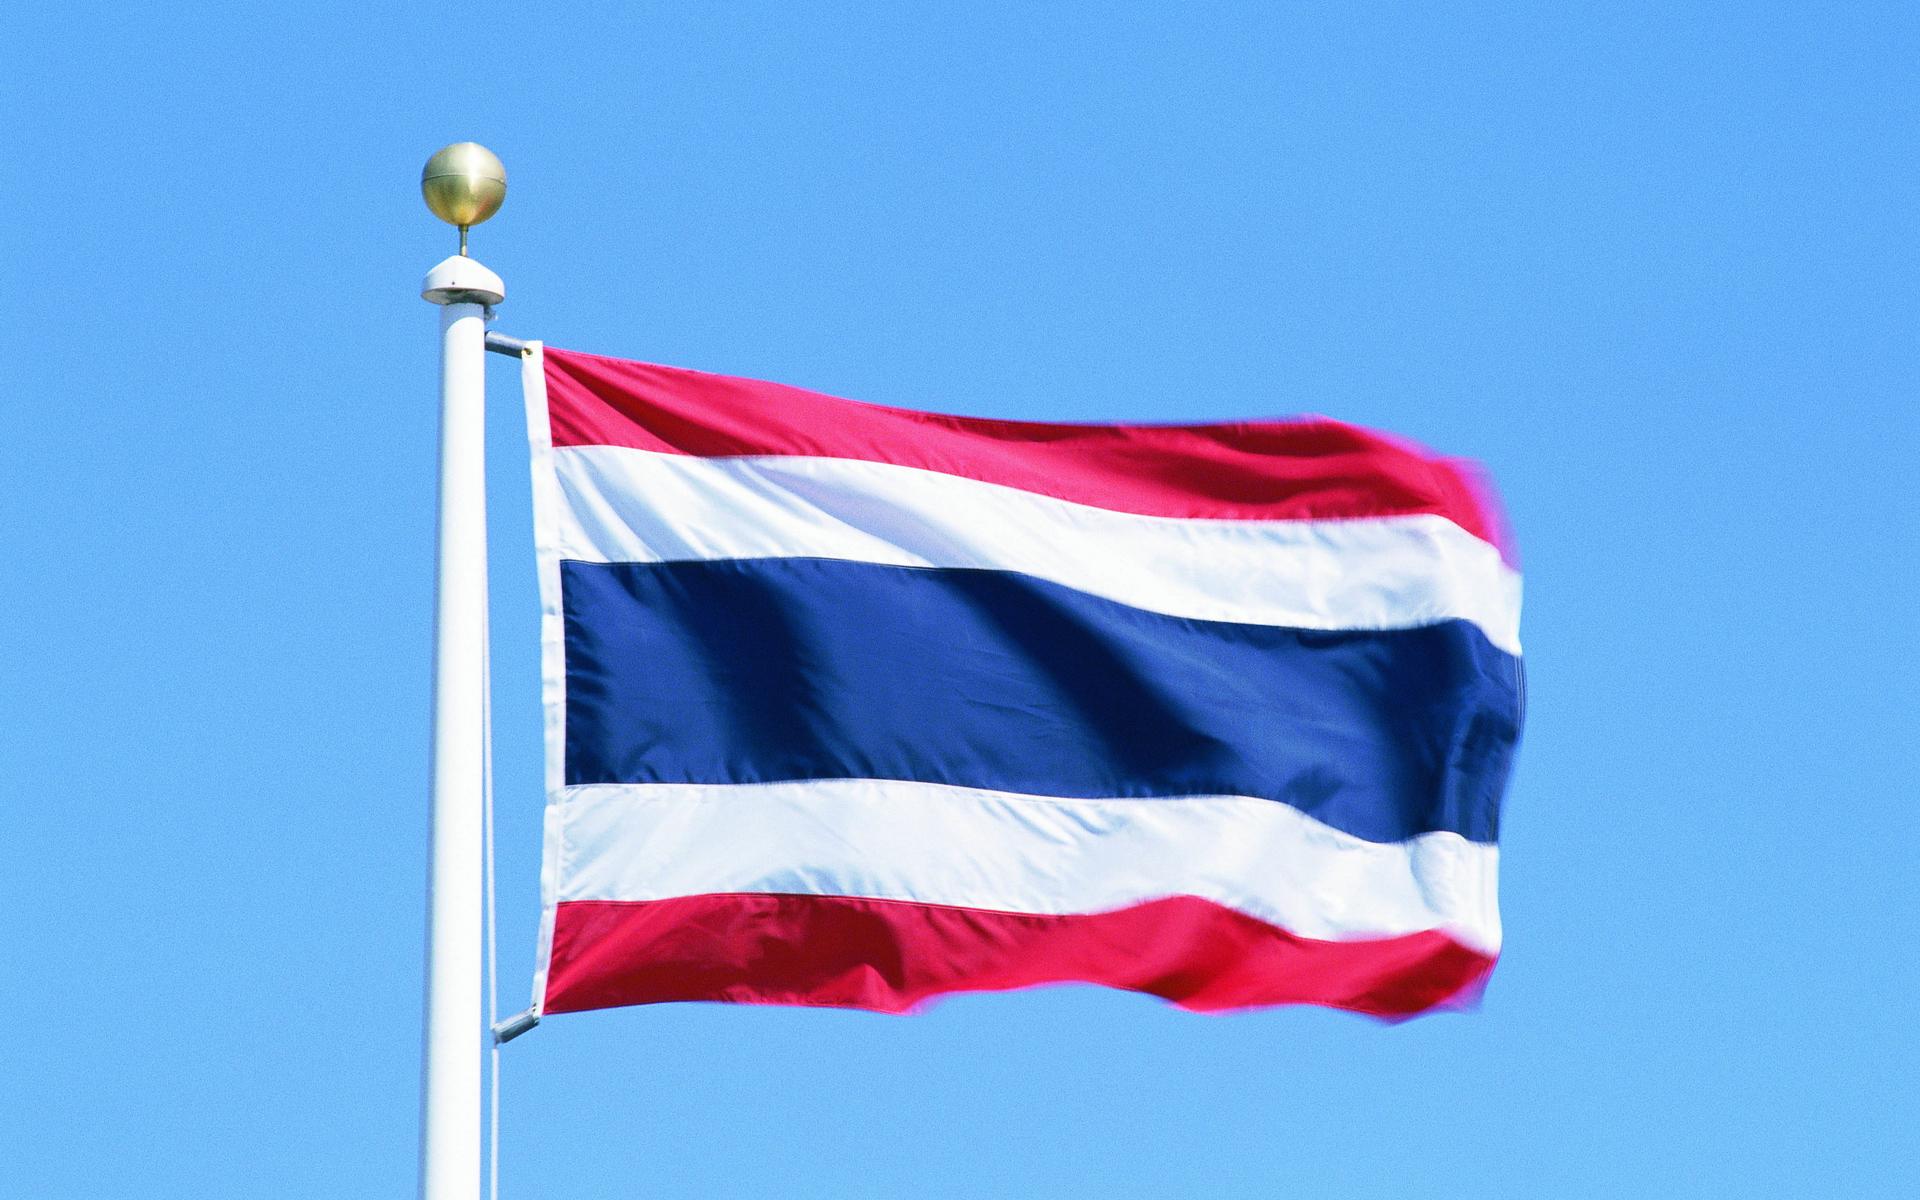 Стоимость медицинской страховки для поездки в Таиланд